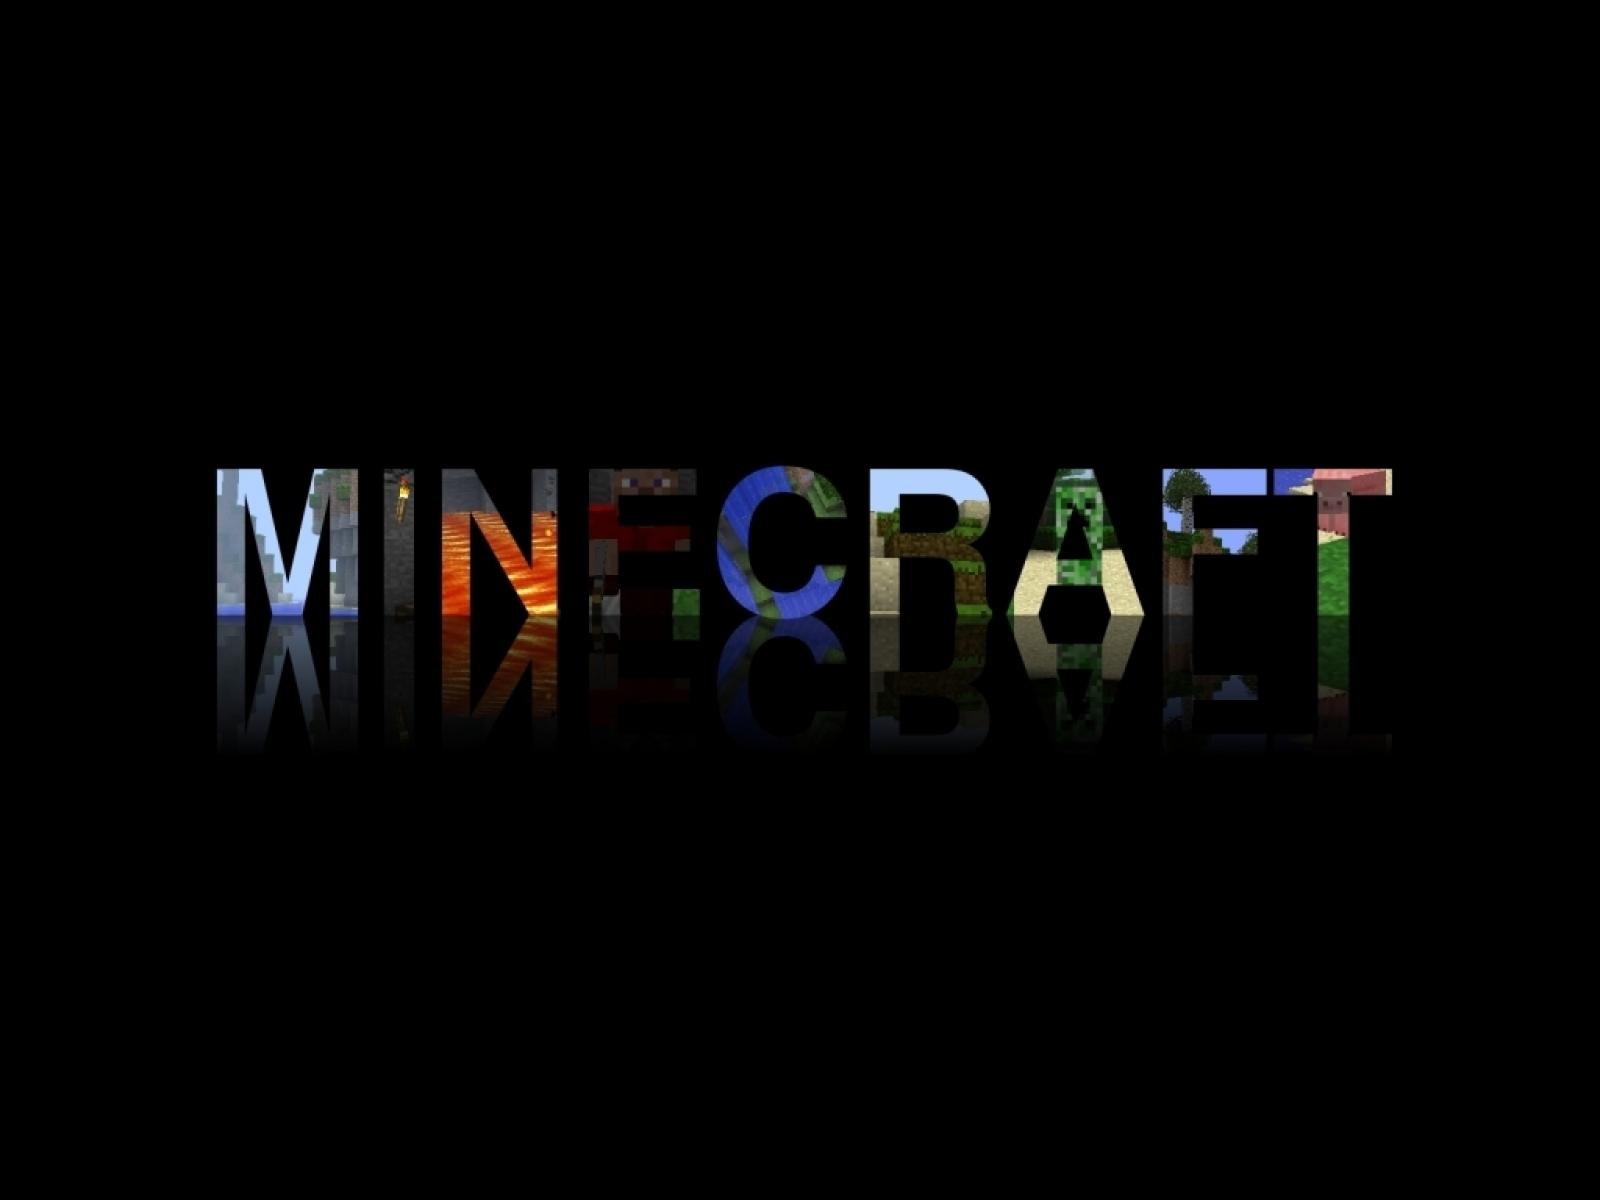 Minecraft Computer Wallpapers Desktop Backgrounds 1600x1200